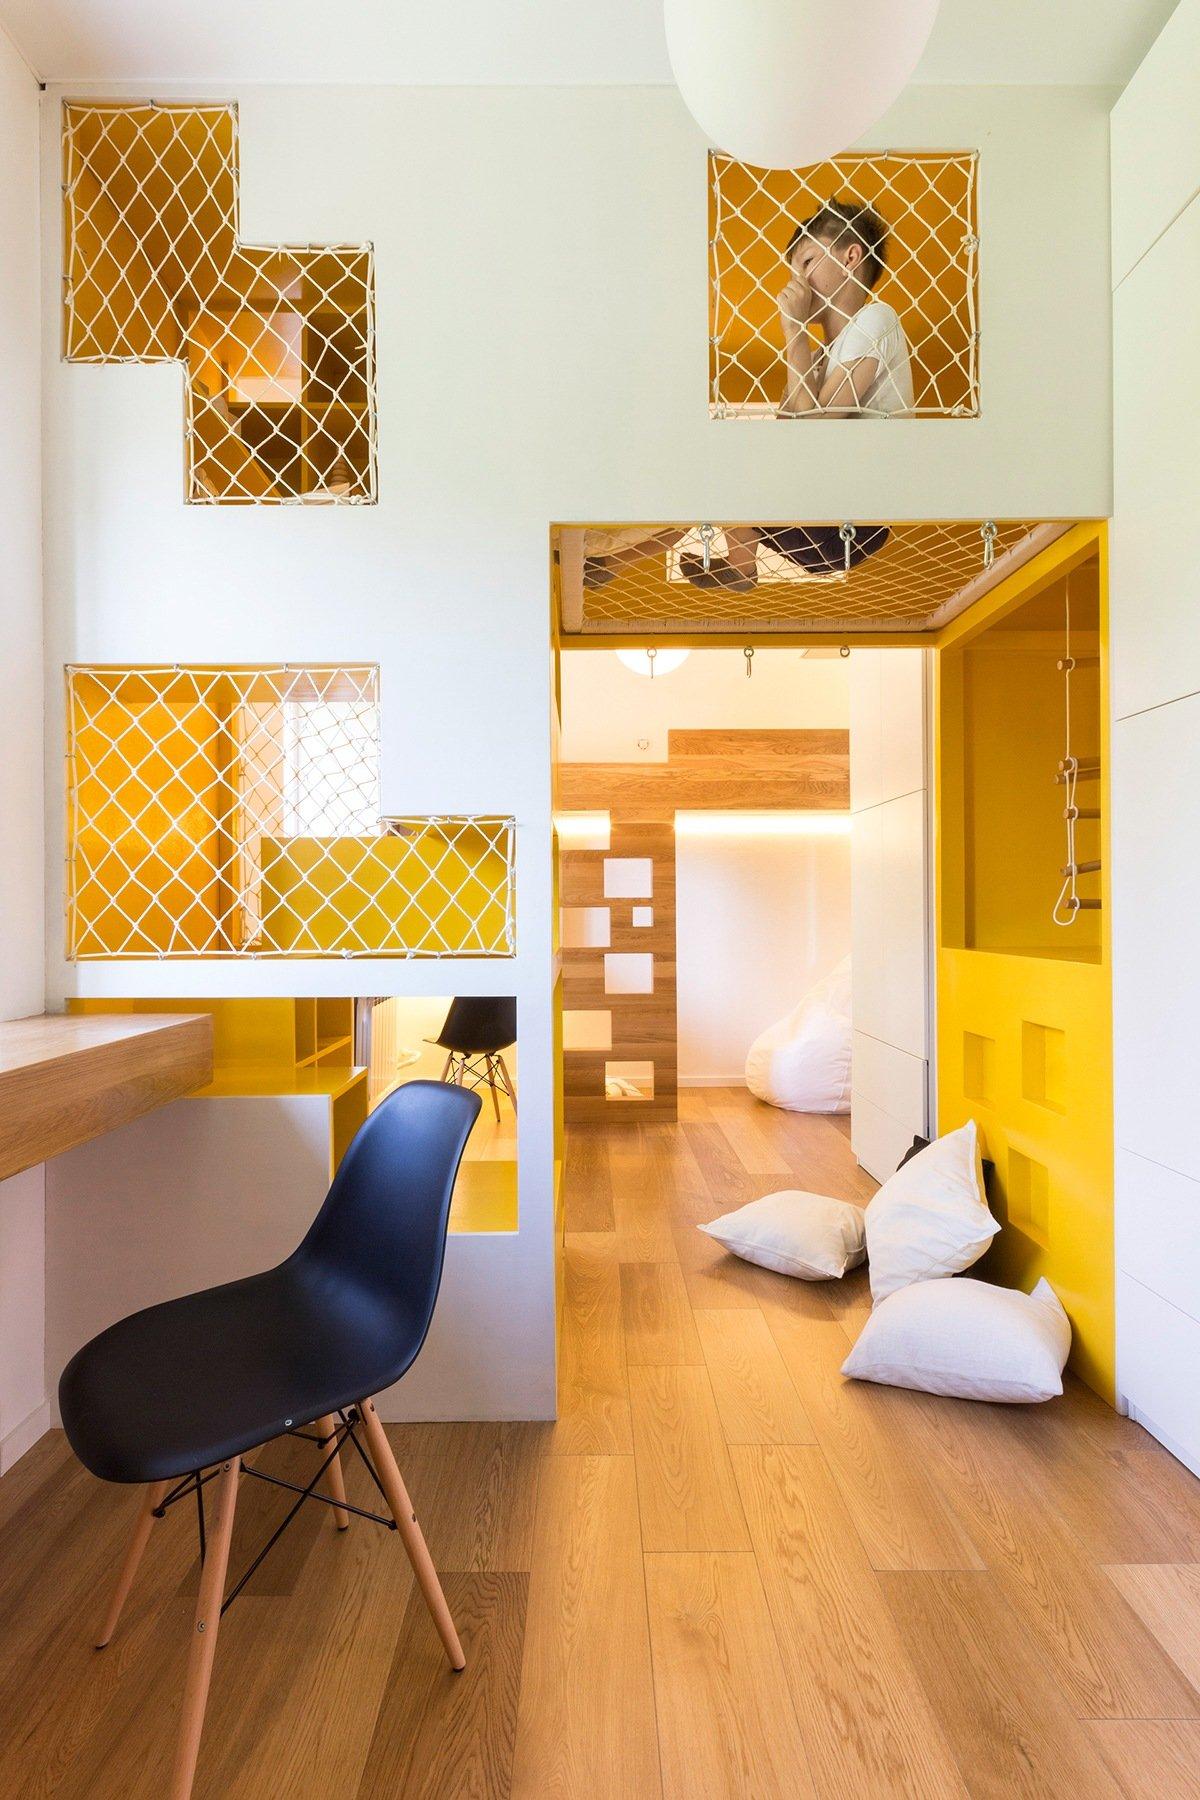 thiết kế nội thất độc đáo, thông minh và đa năng cho phòng ngủ nhà nhỏ